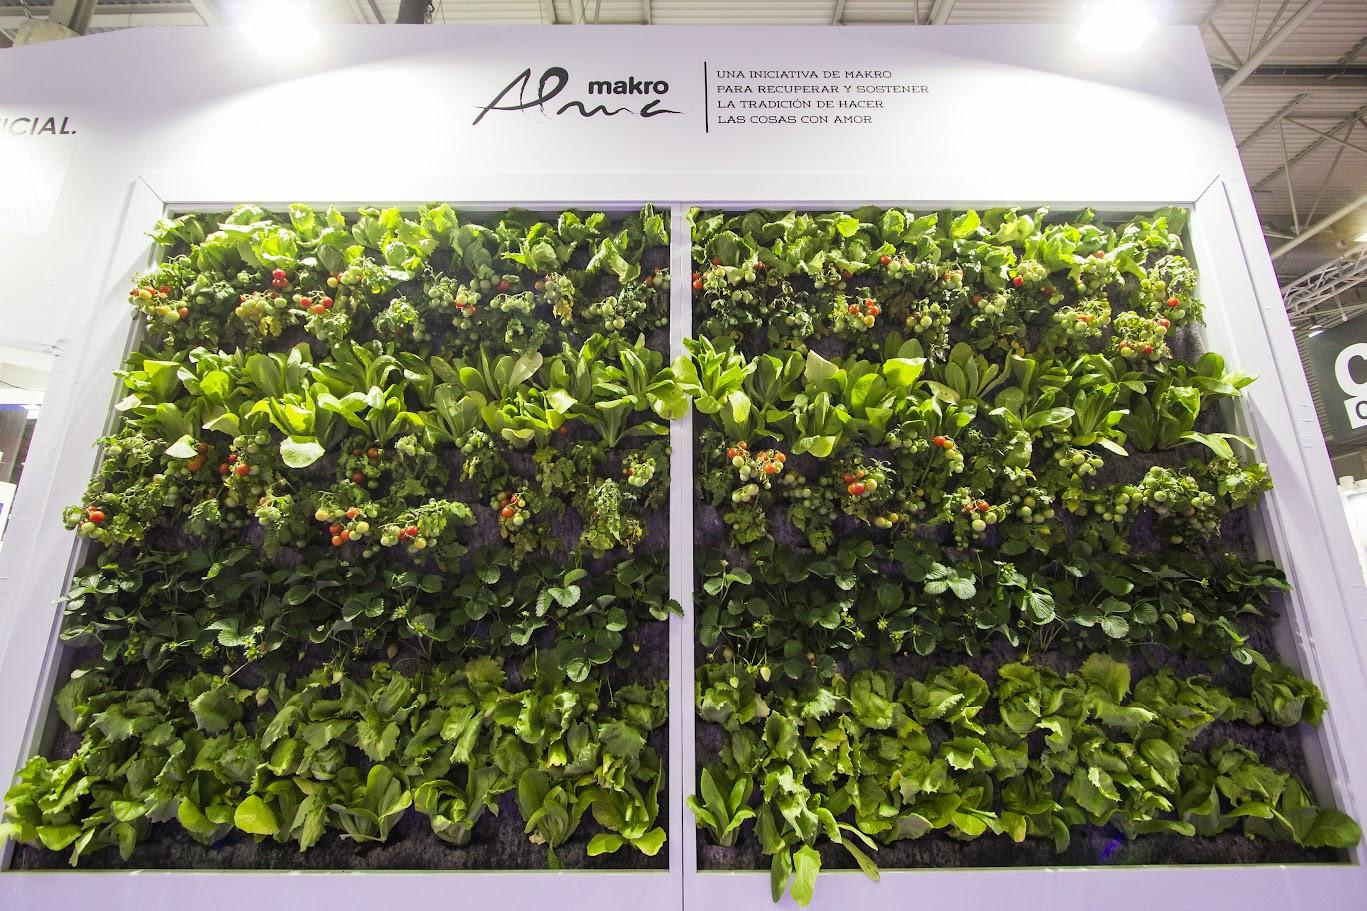 Tomates, lechugas y fresas en un jardín vertical para Huerta vertical